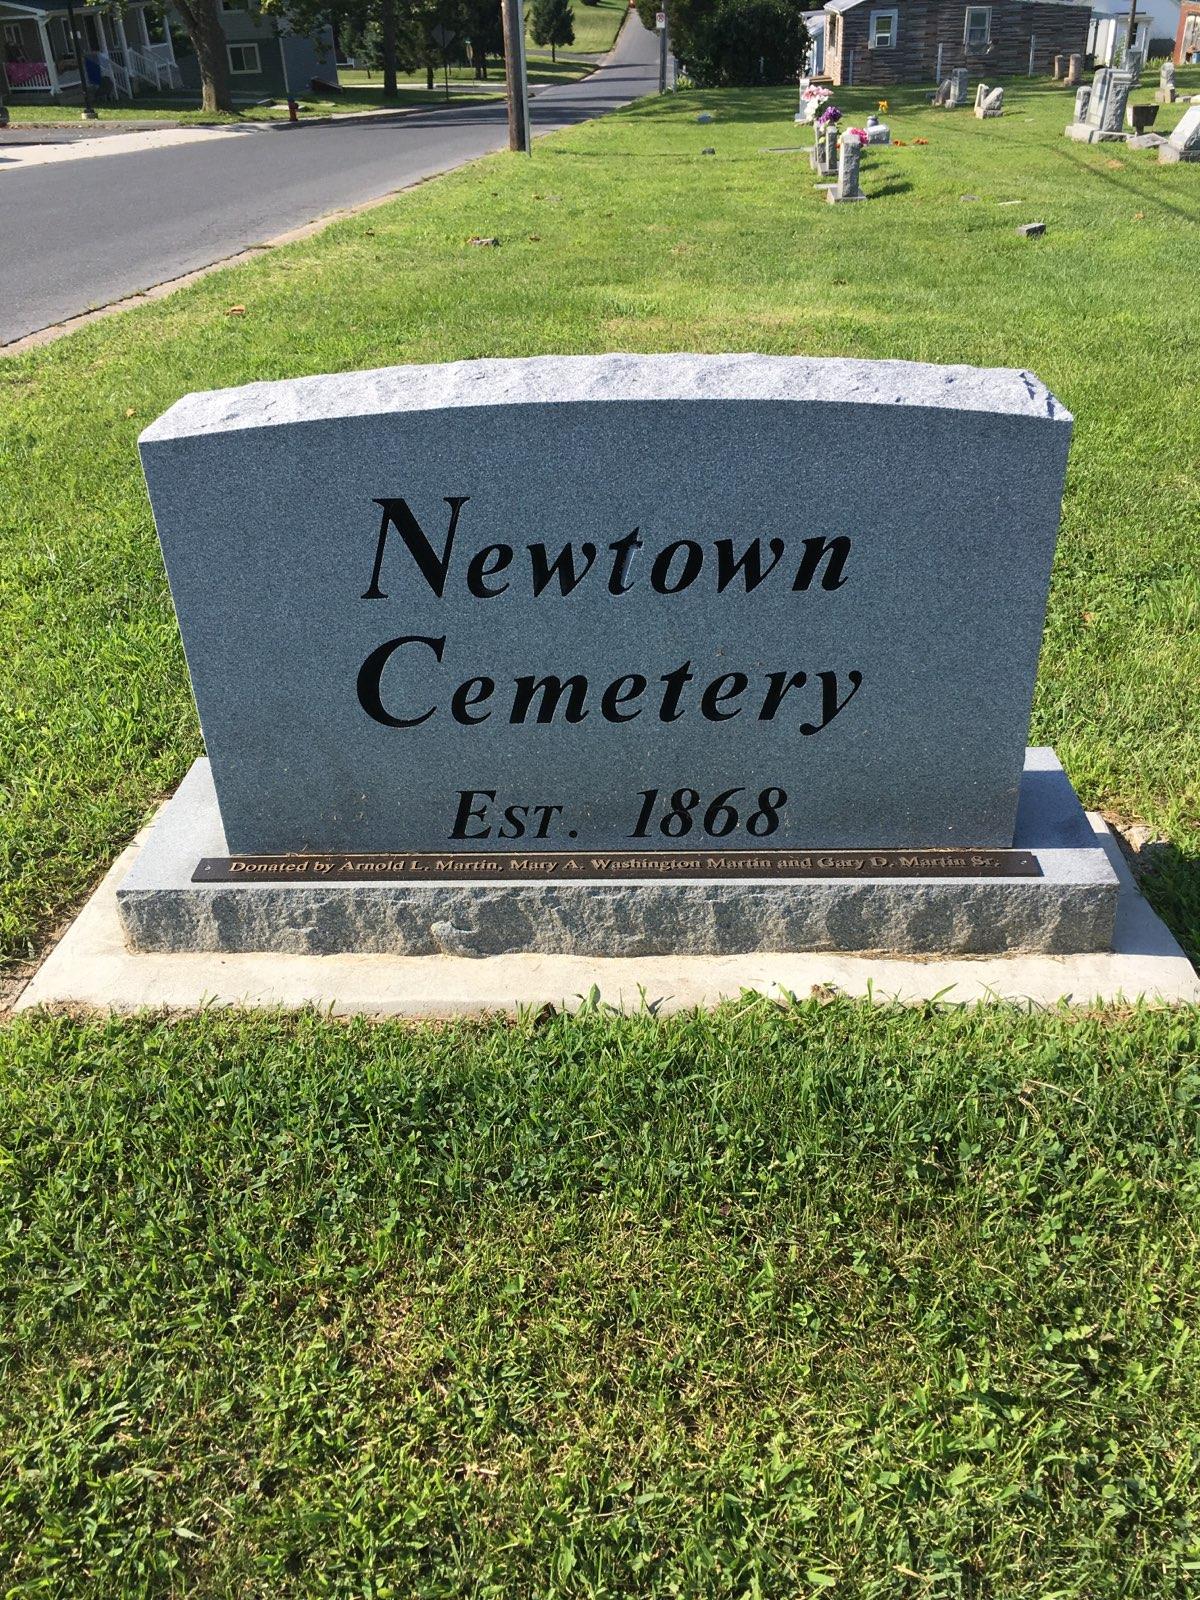 Newtown Cemetery grave marker.